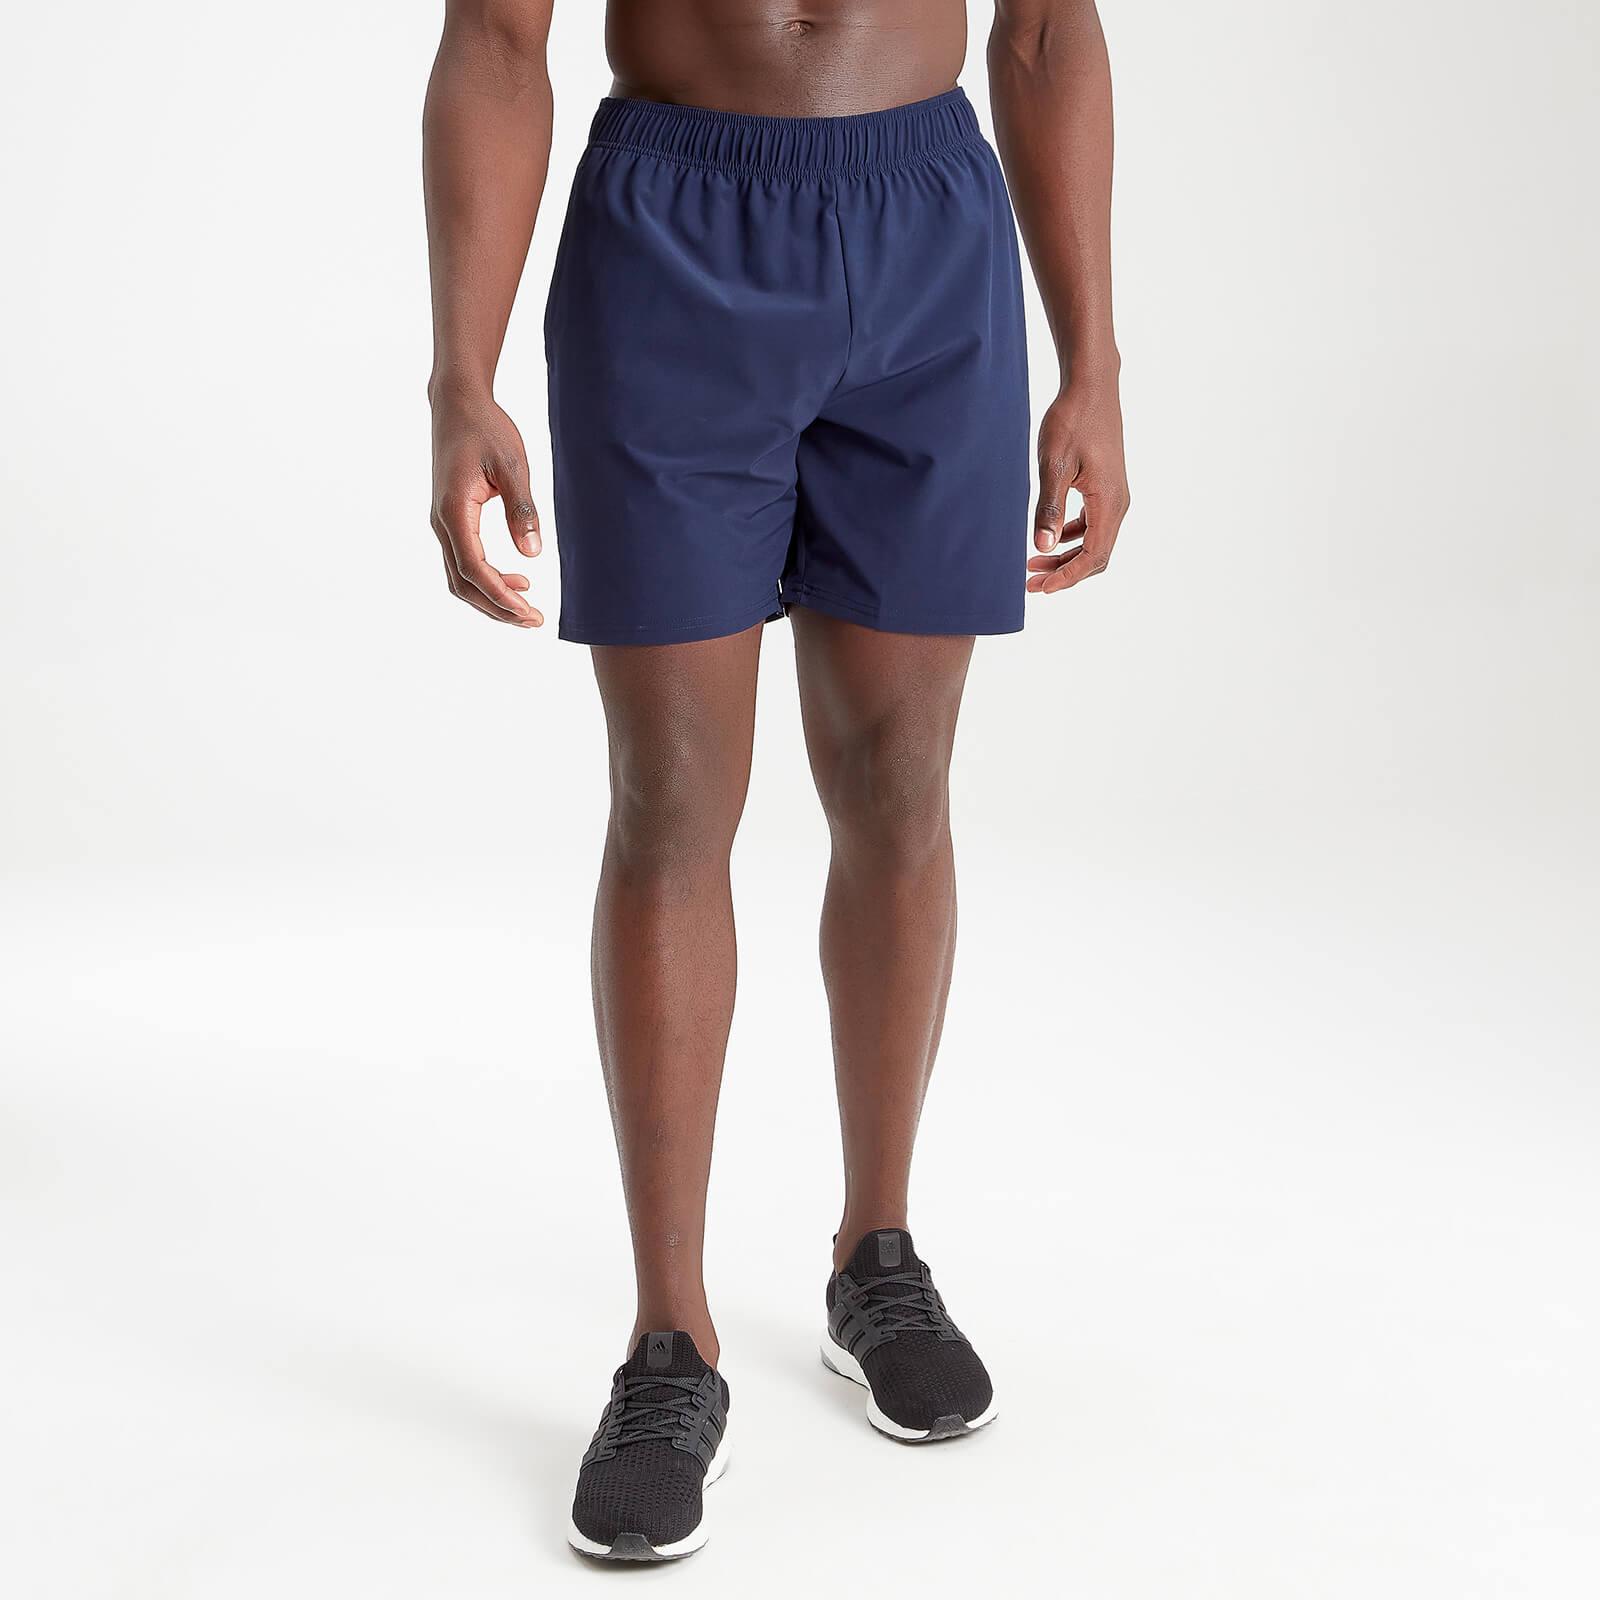 Купить MP Men's Essentials Woven Training Shorts - Navy - XXXL, Myprotein International